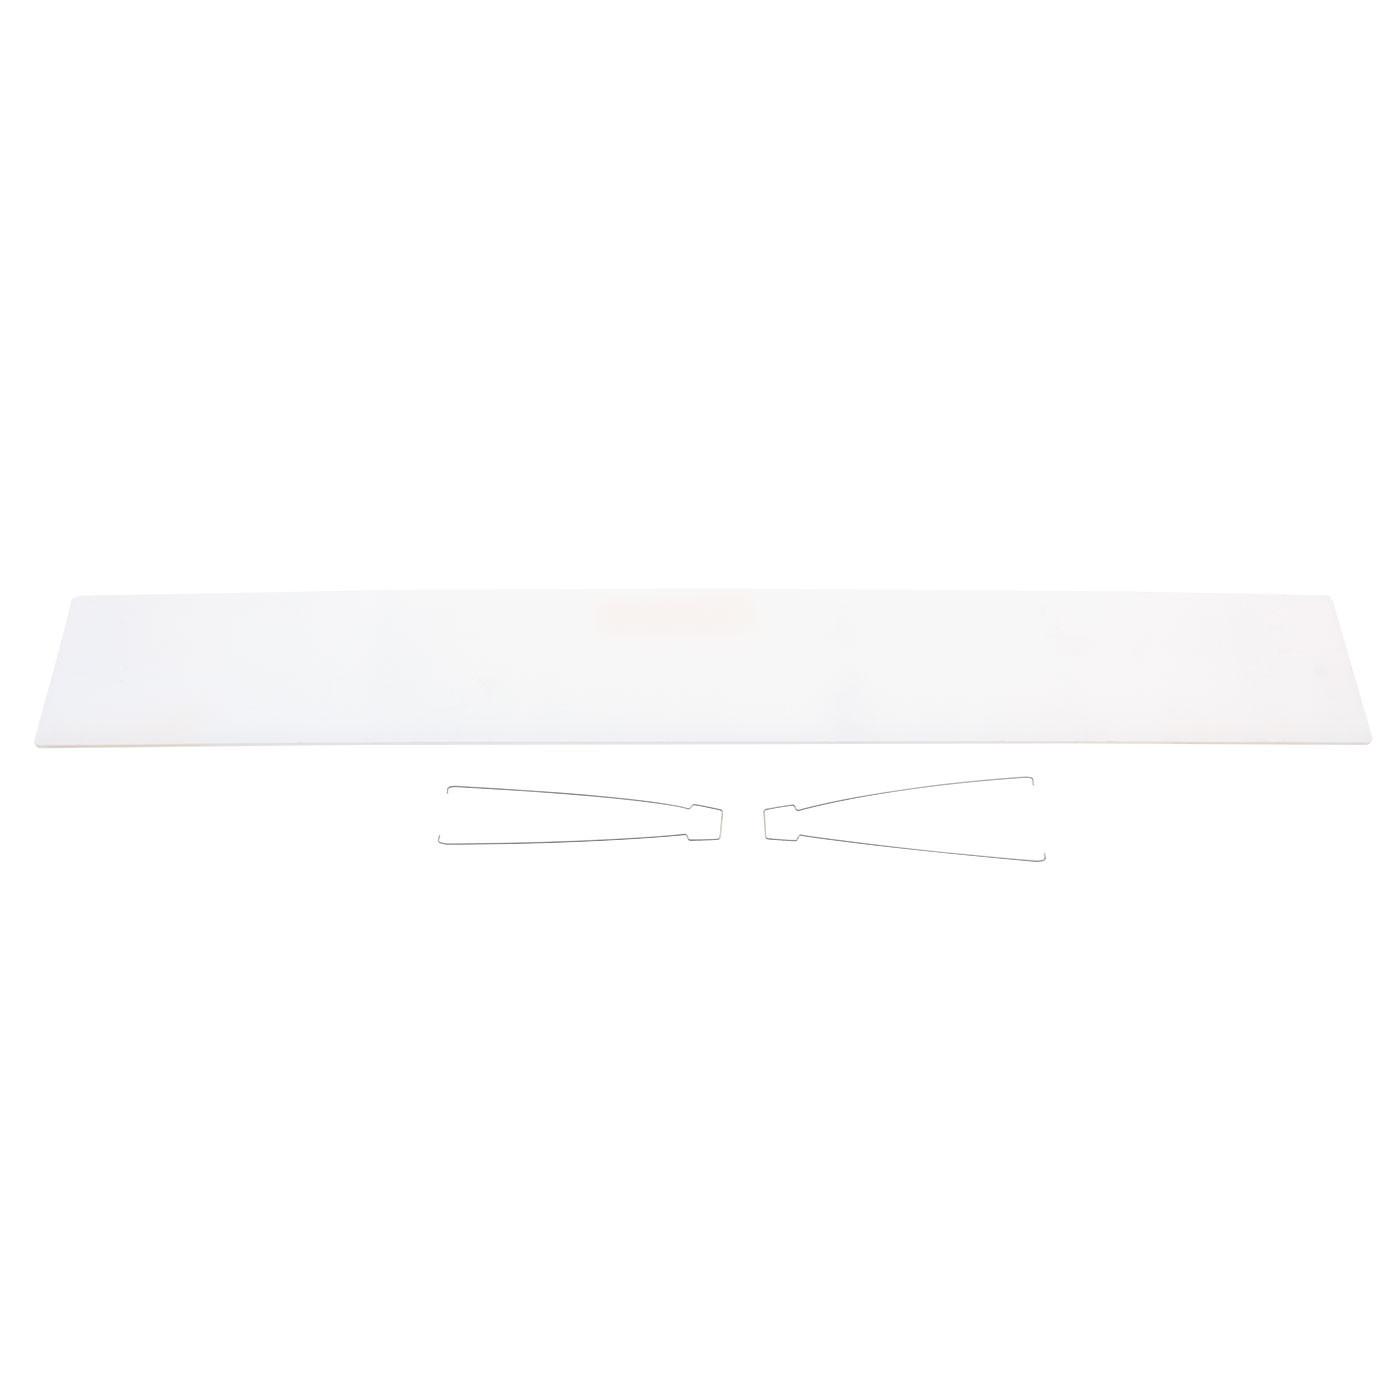 Axo Light Clavius SP Abdeckung Verschlussblende aus Plexiglas